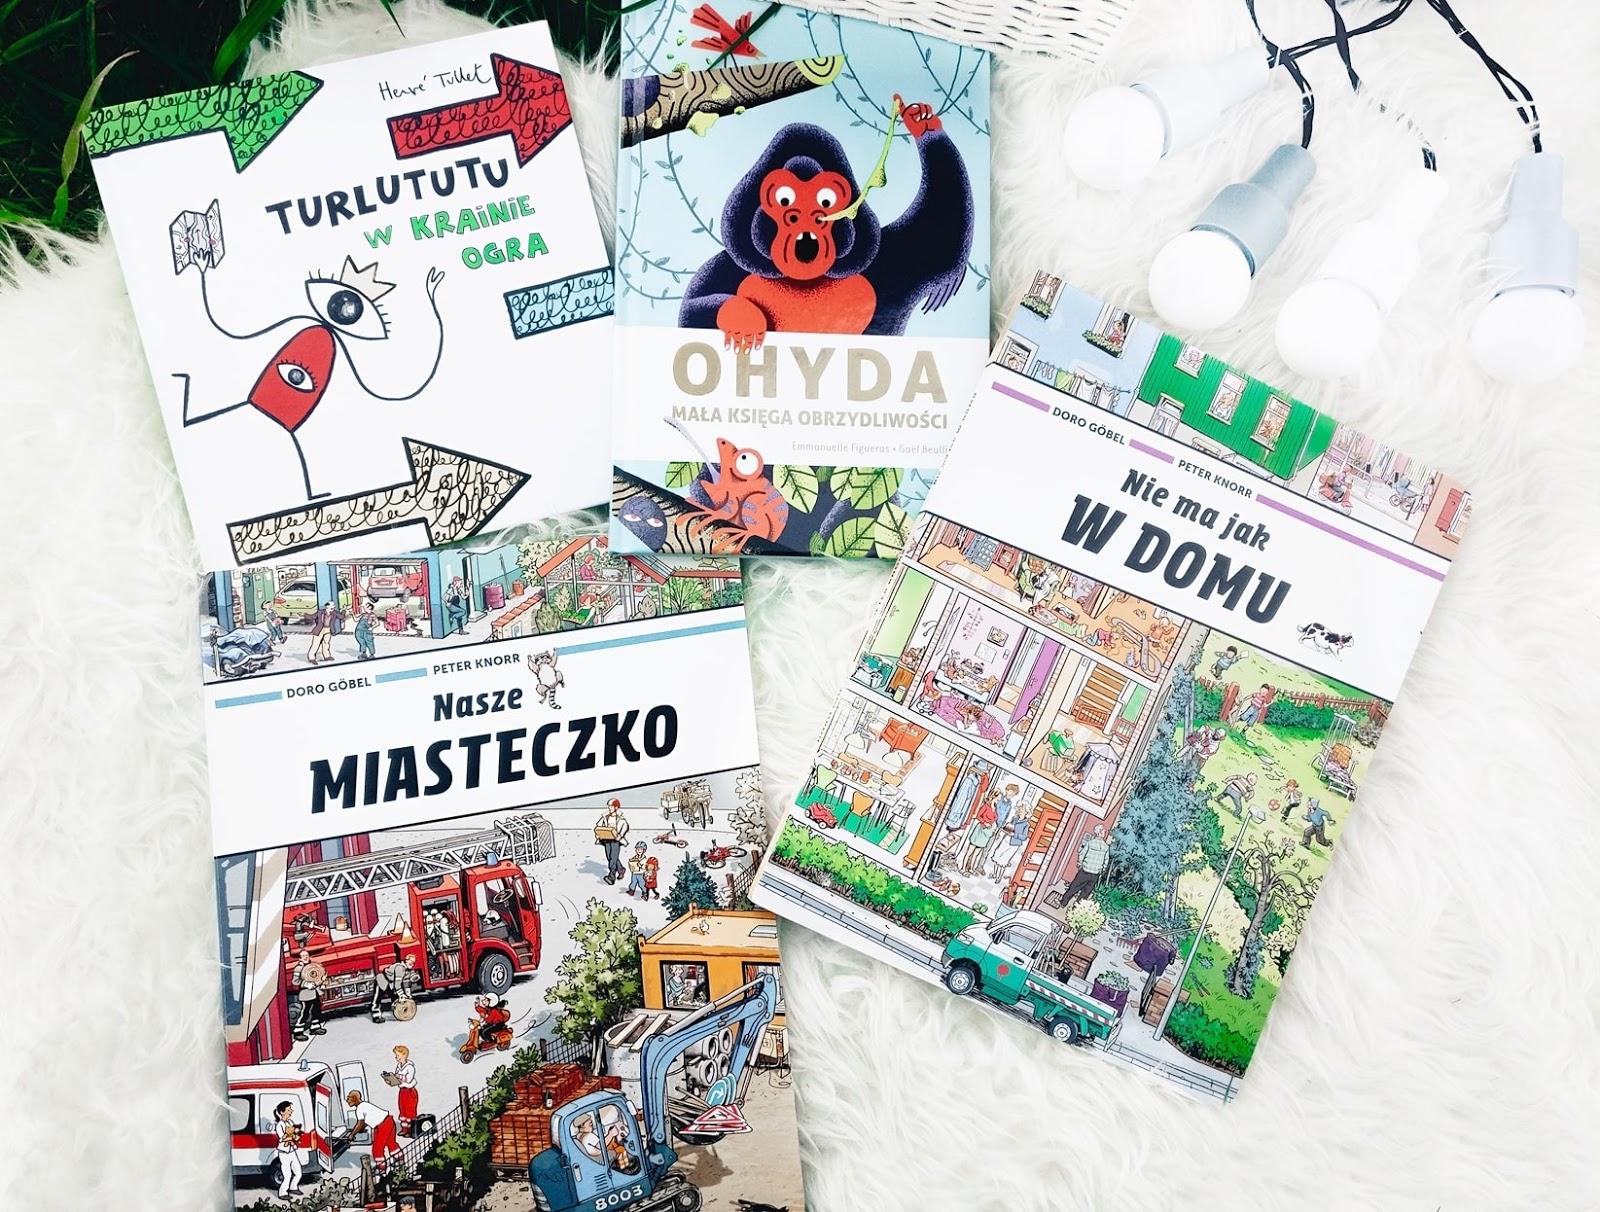 Książki dla dzieci – Turlututu, księga obrzydliwości i inne